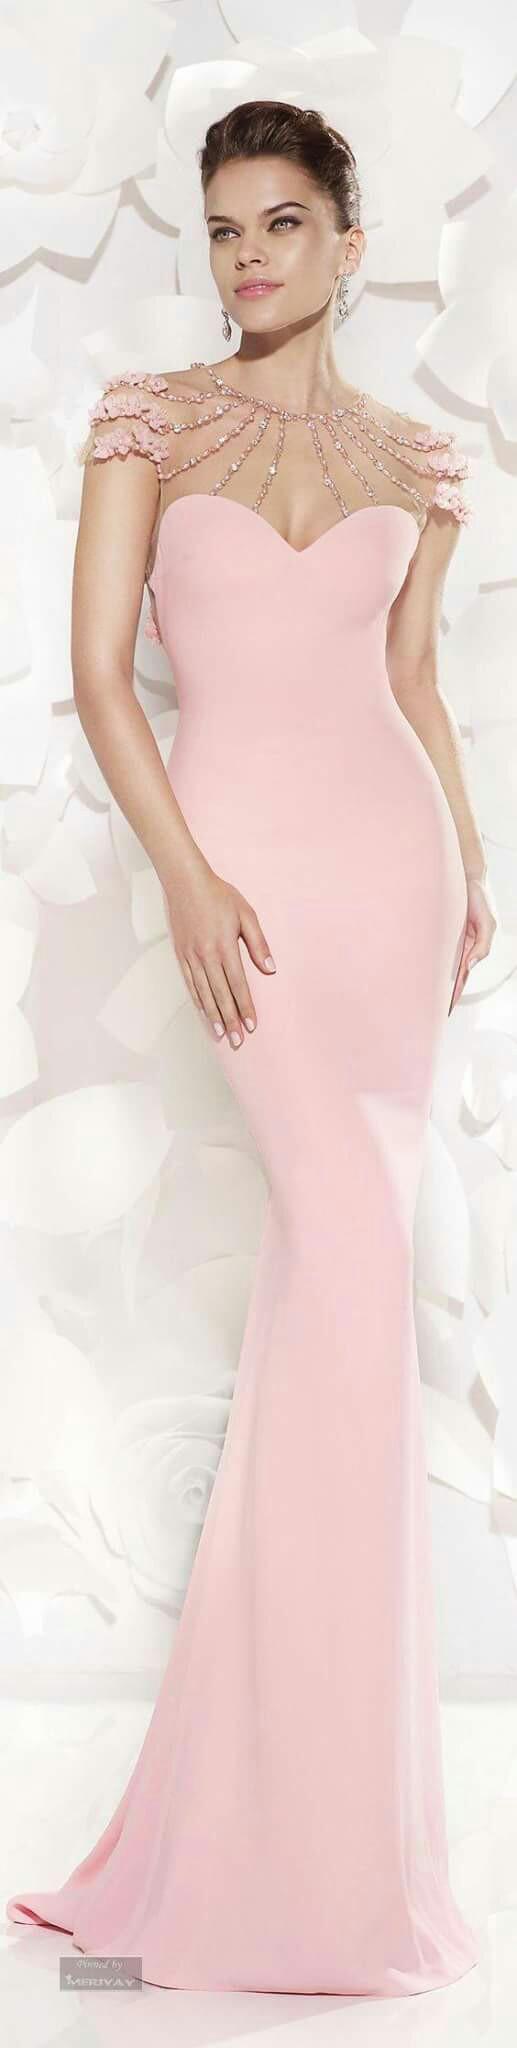 Pin de janet villalva en vestidos de fiesta   Pinterest   Vestidos ...